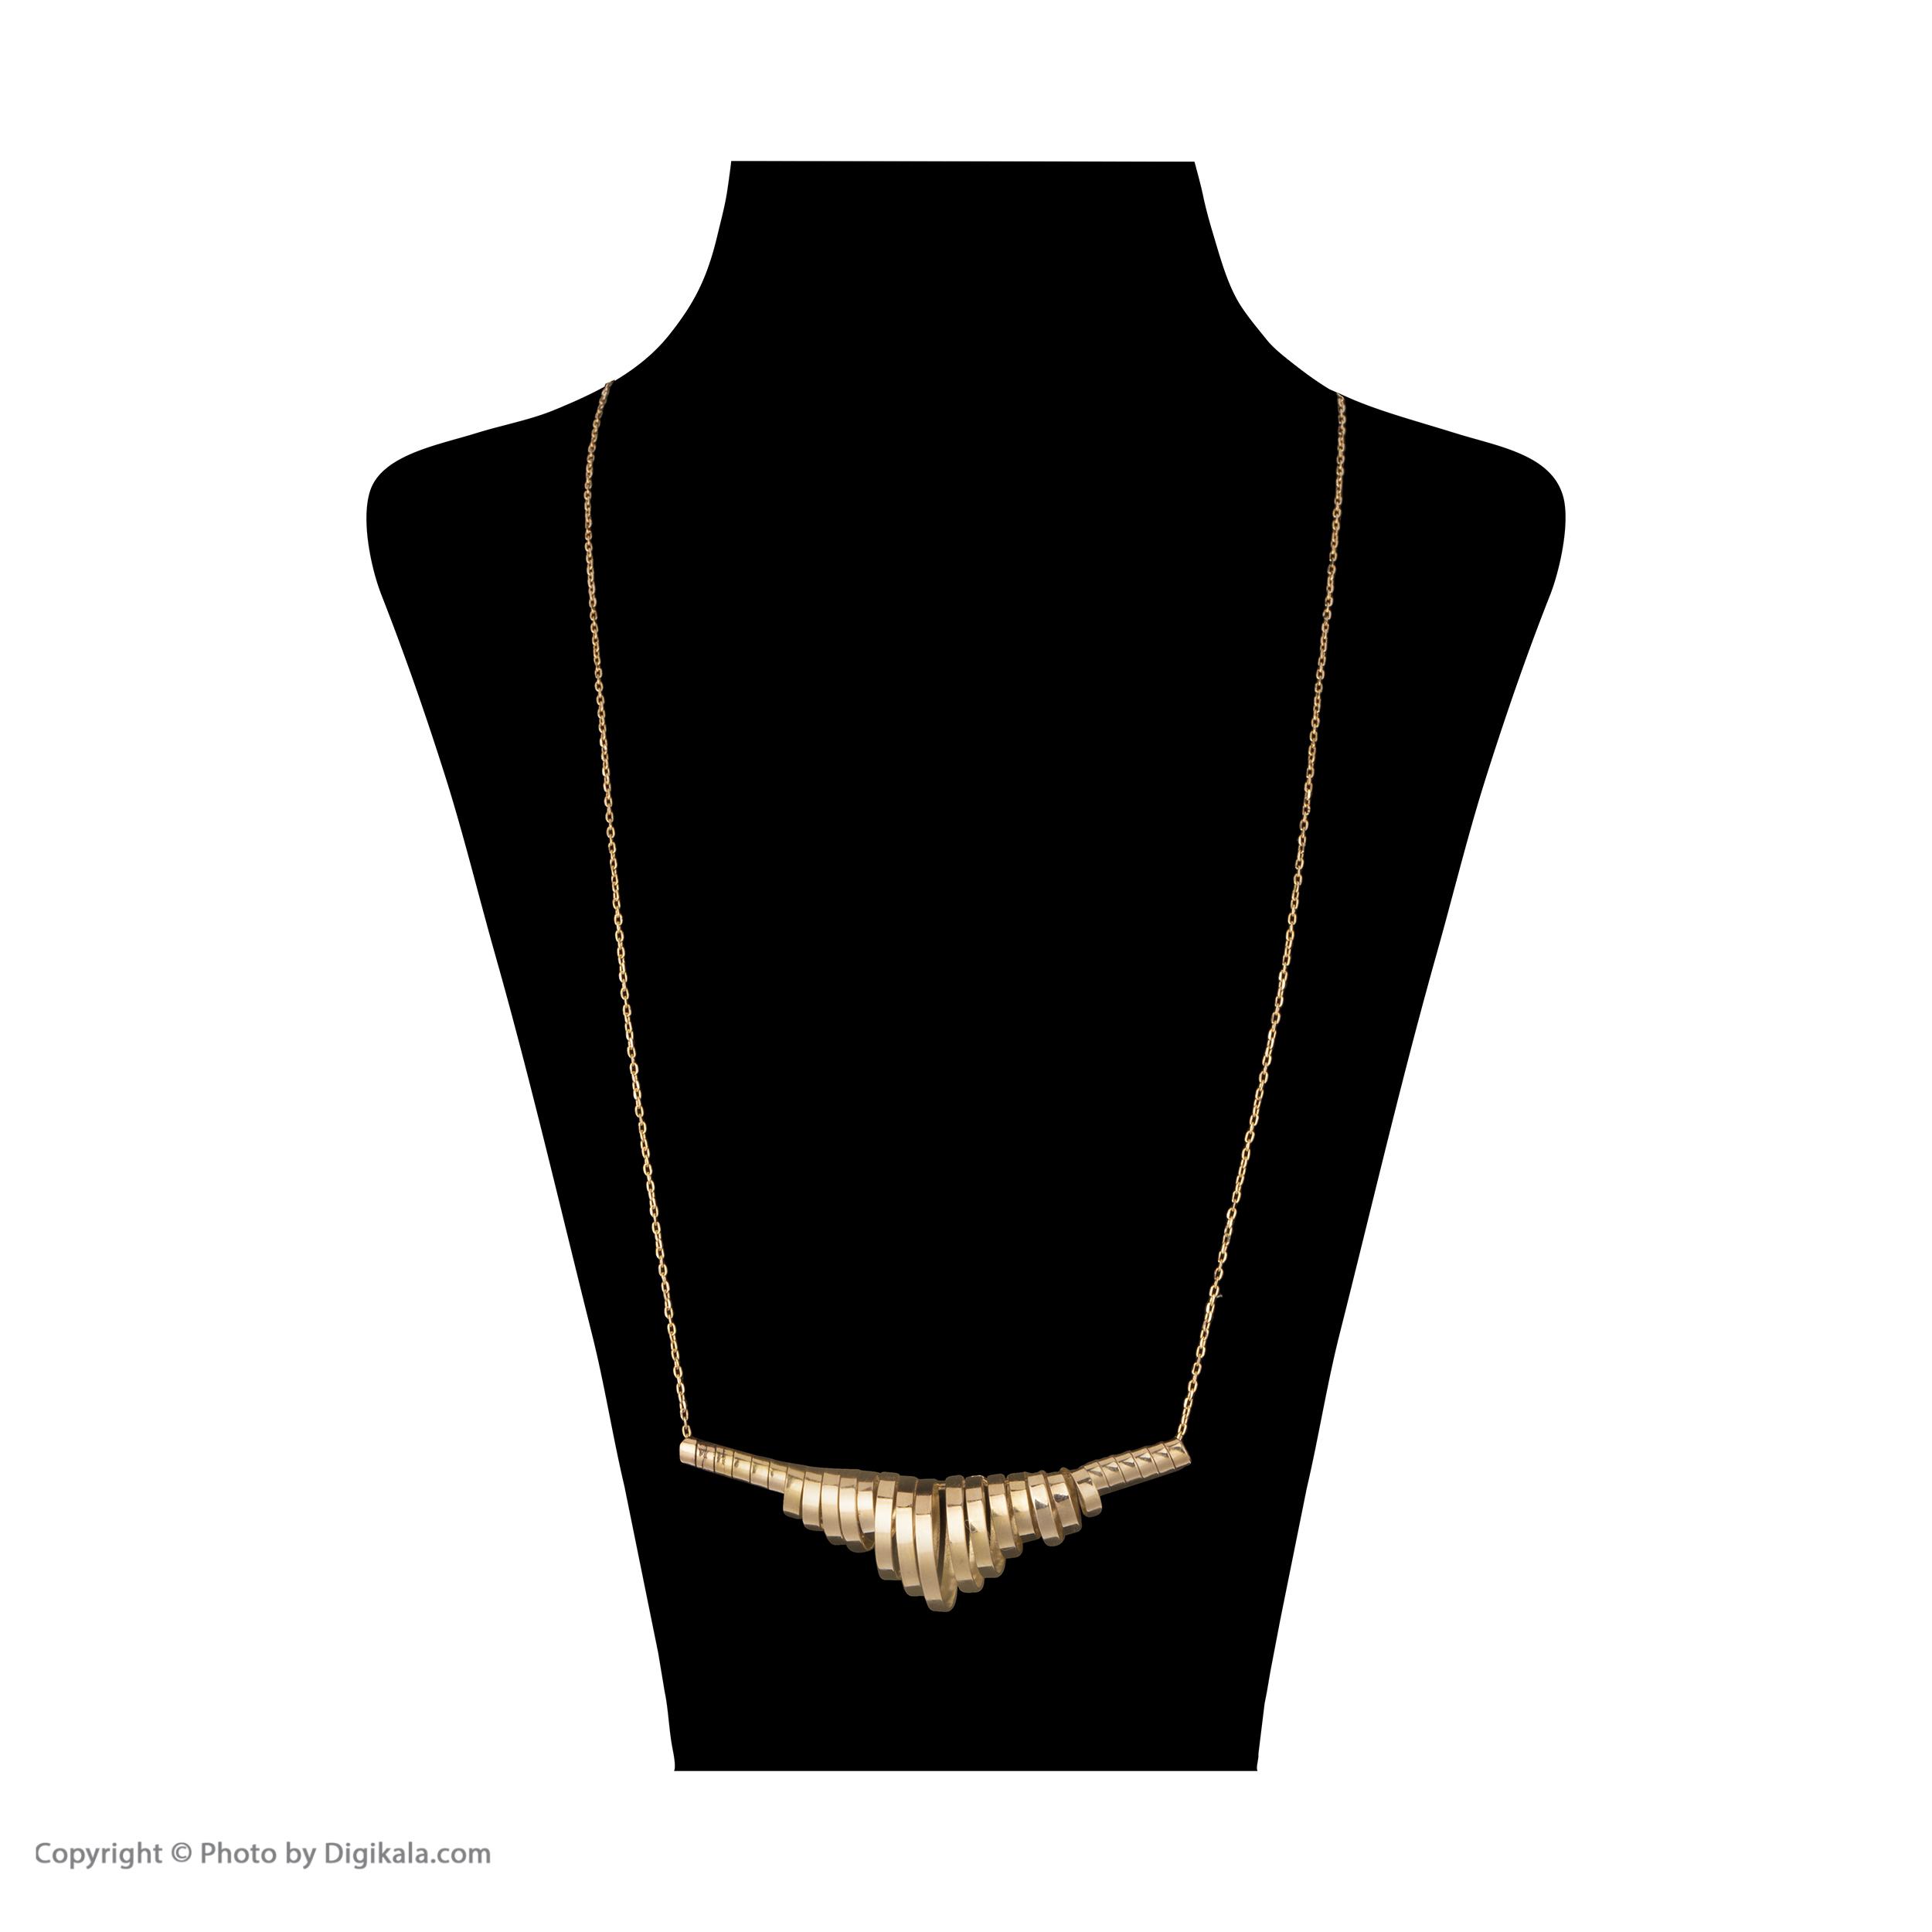 گردنبند طلا 18 عیار زنانه سنجاق مدل X071304 -  - 2